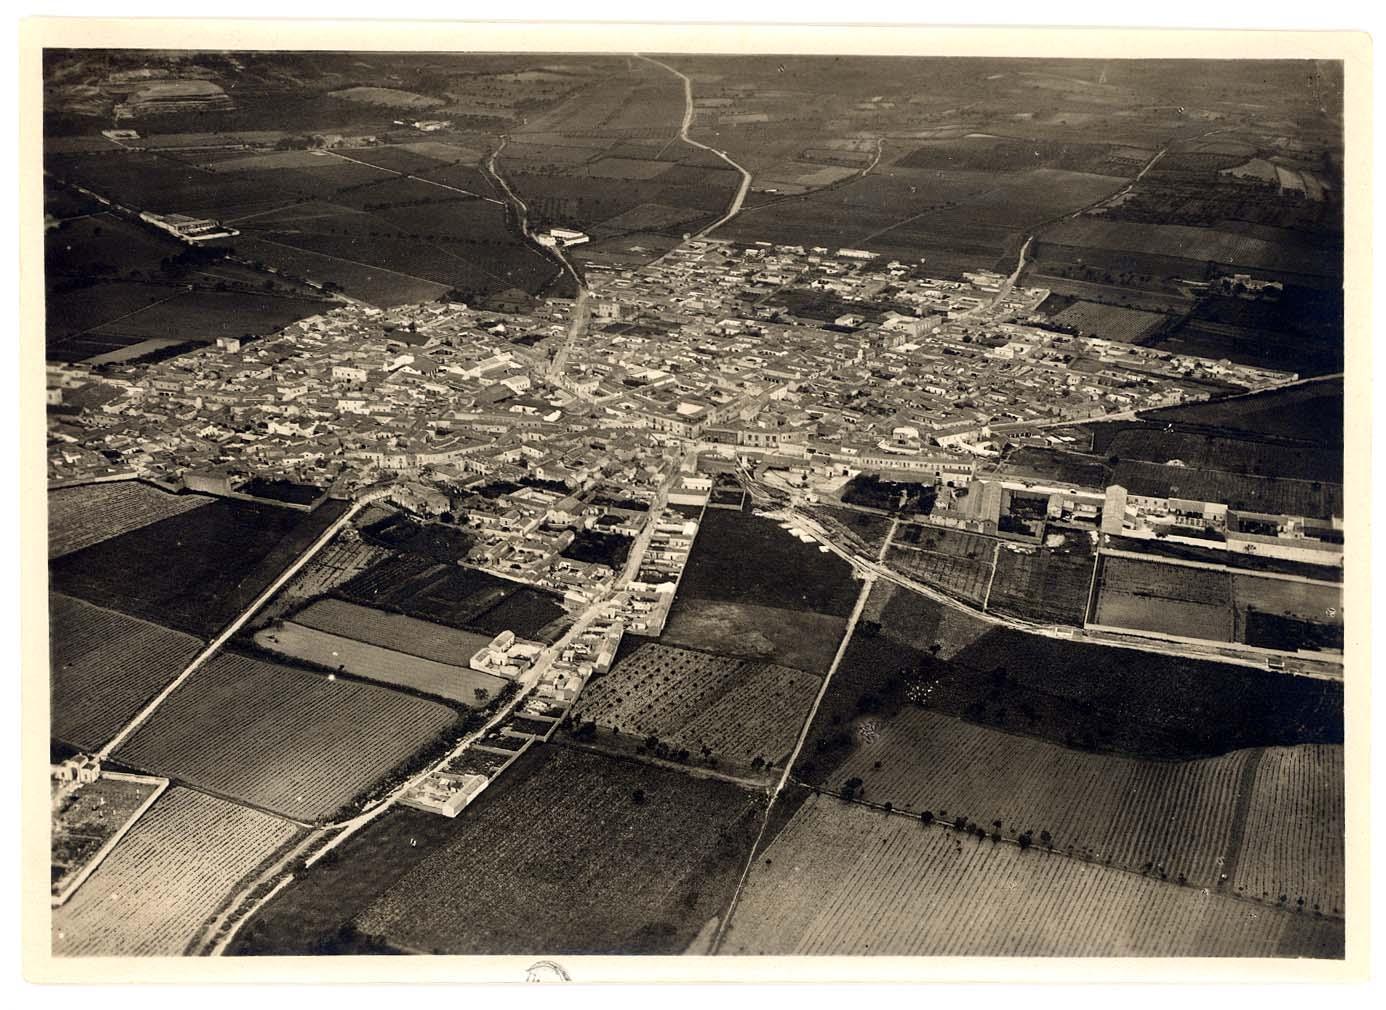 Archivio Comunale - 1921 - Topografia_jpg_foto 0030 9-13